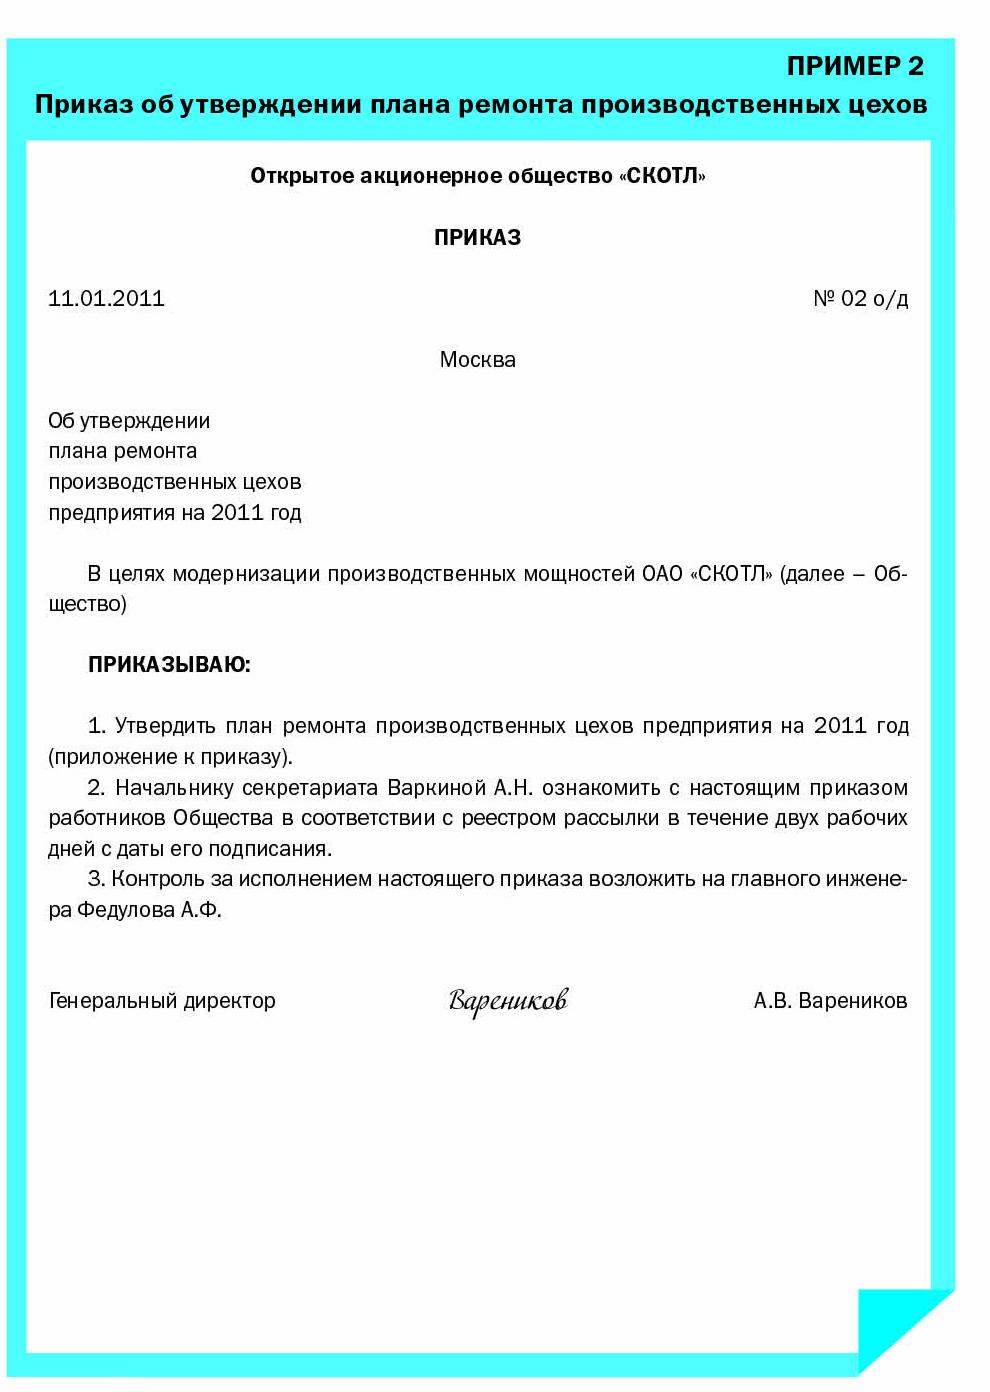 Образец журнала регистрации приказов по основной деятельности 2019.